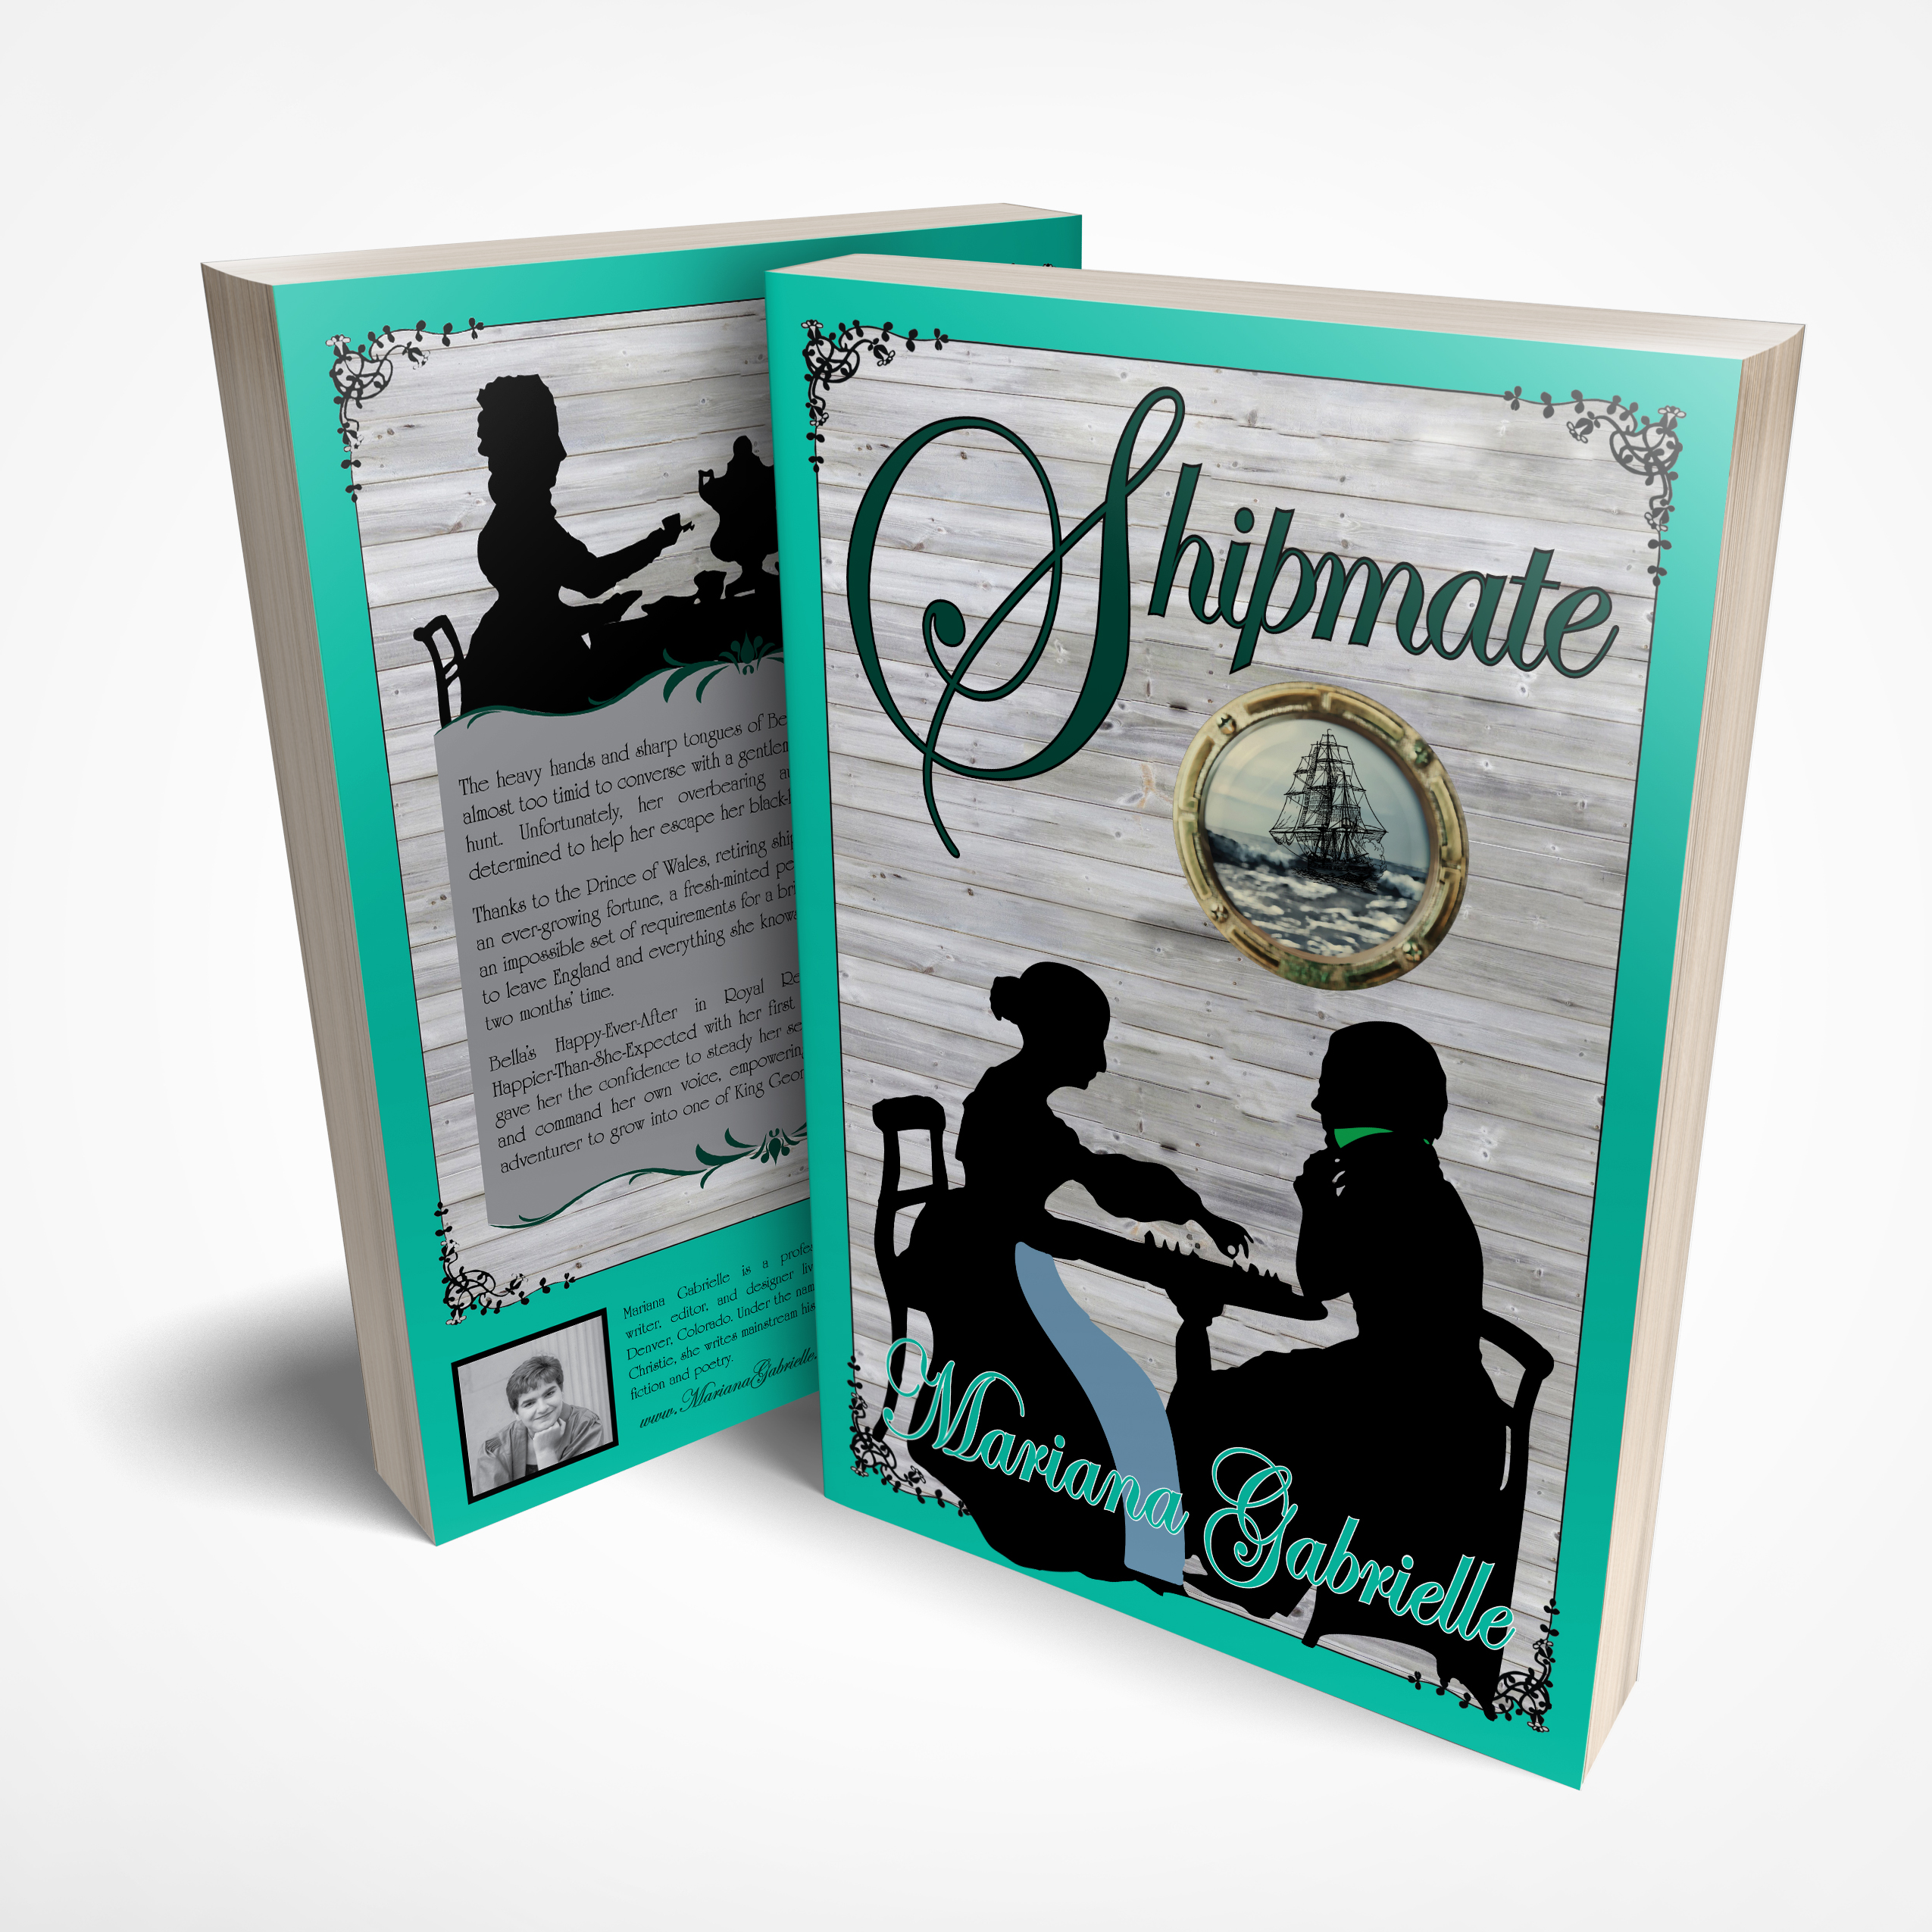 Shipmate Paperback